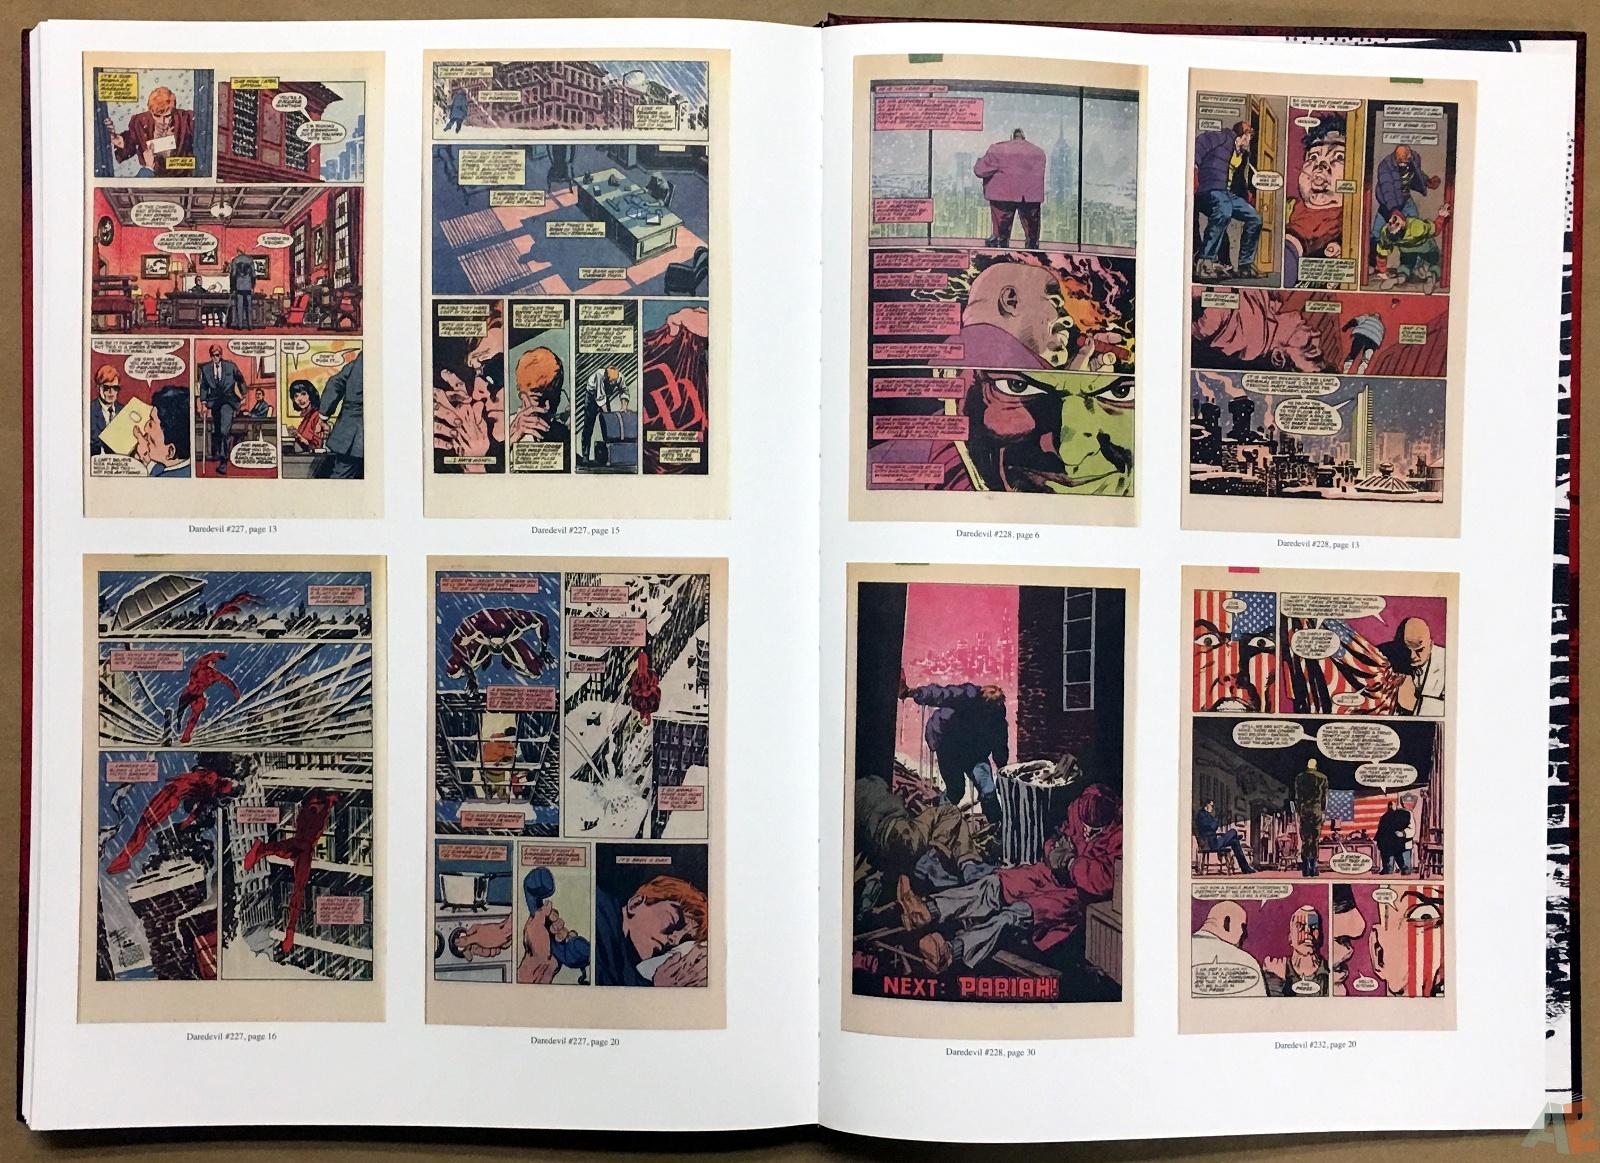 David Mazzucchelli's Daredevil Born Again: Artist's Edition 56